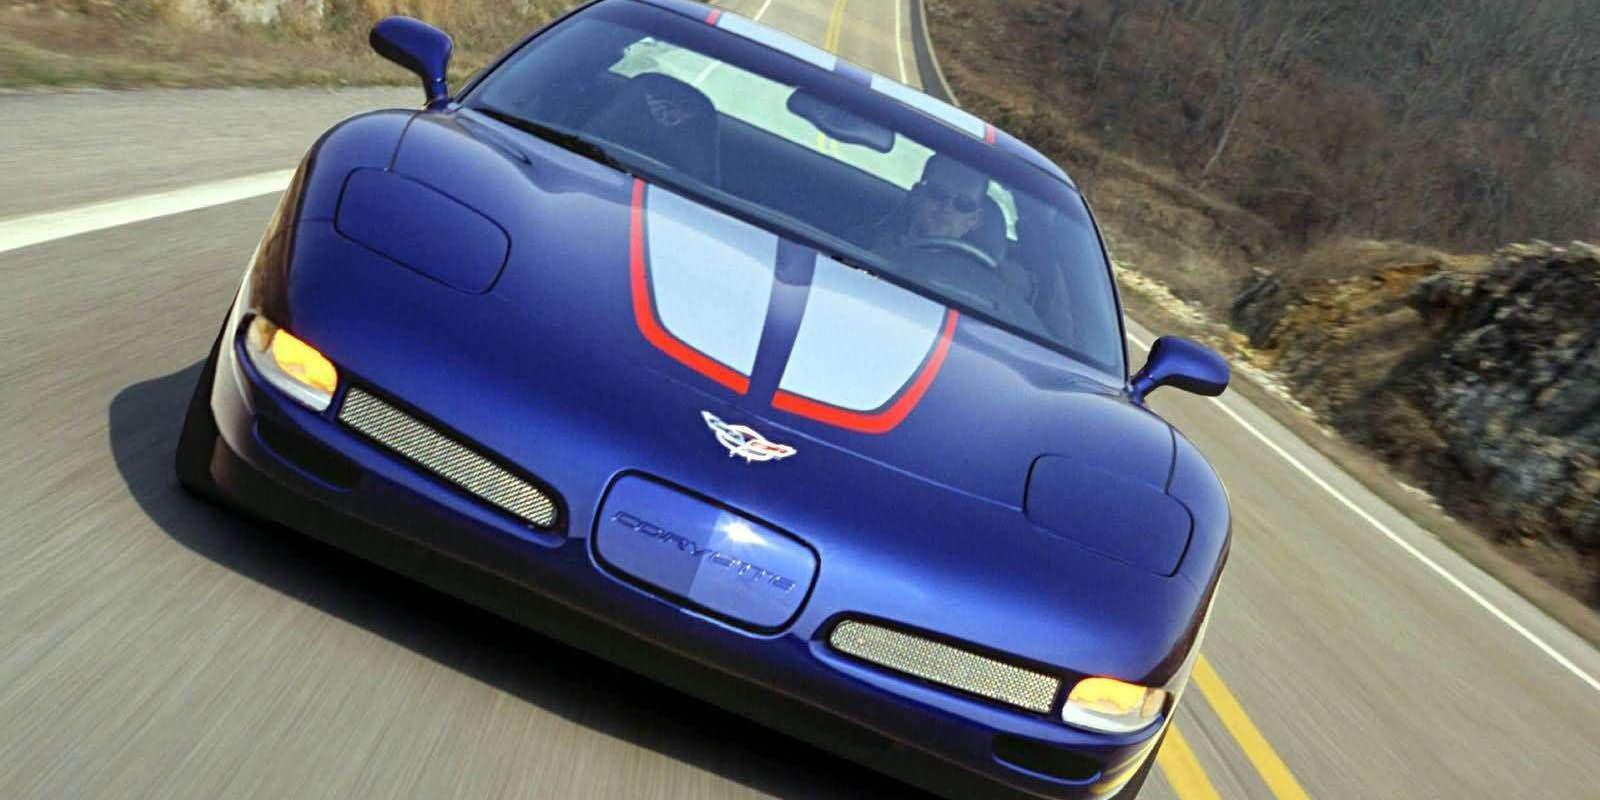 Corvette chevy corvette 2003 : How to Buy C5 Corvette Z06 - Chevrolet Corvette Z06 Buyer's Guide